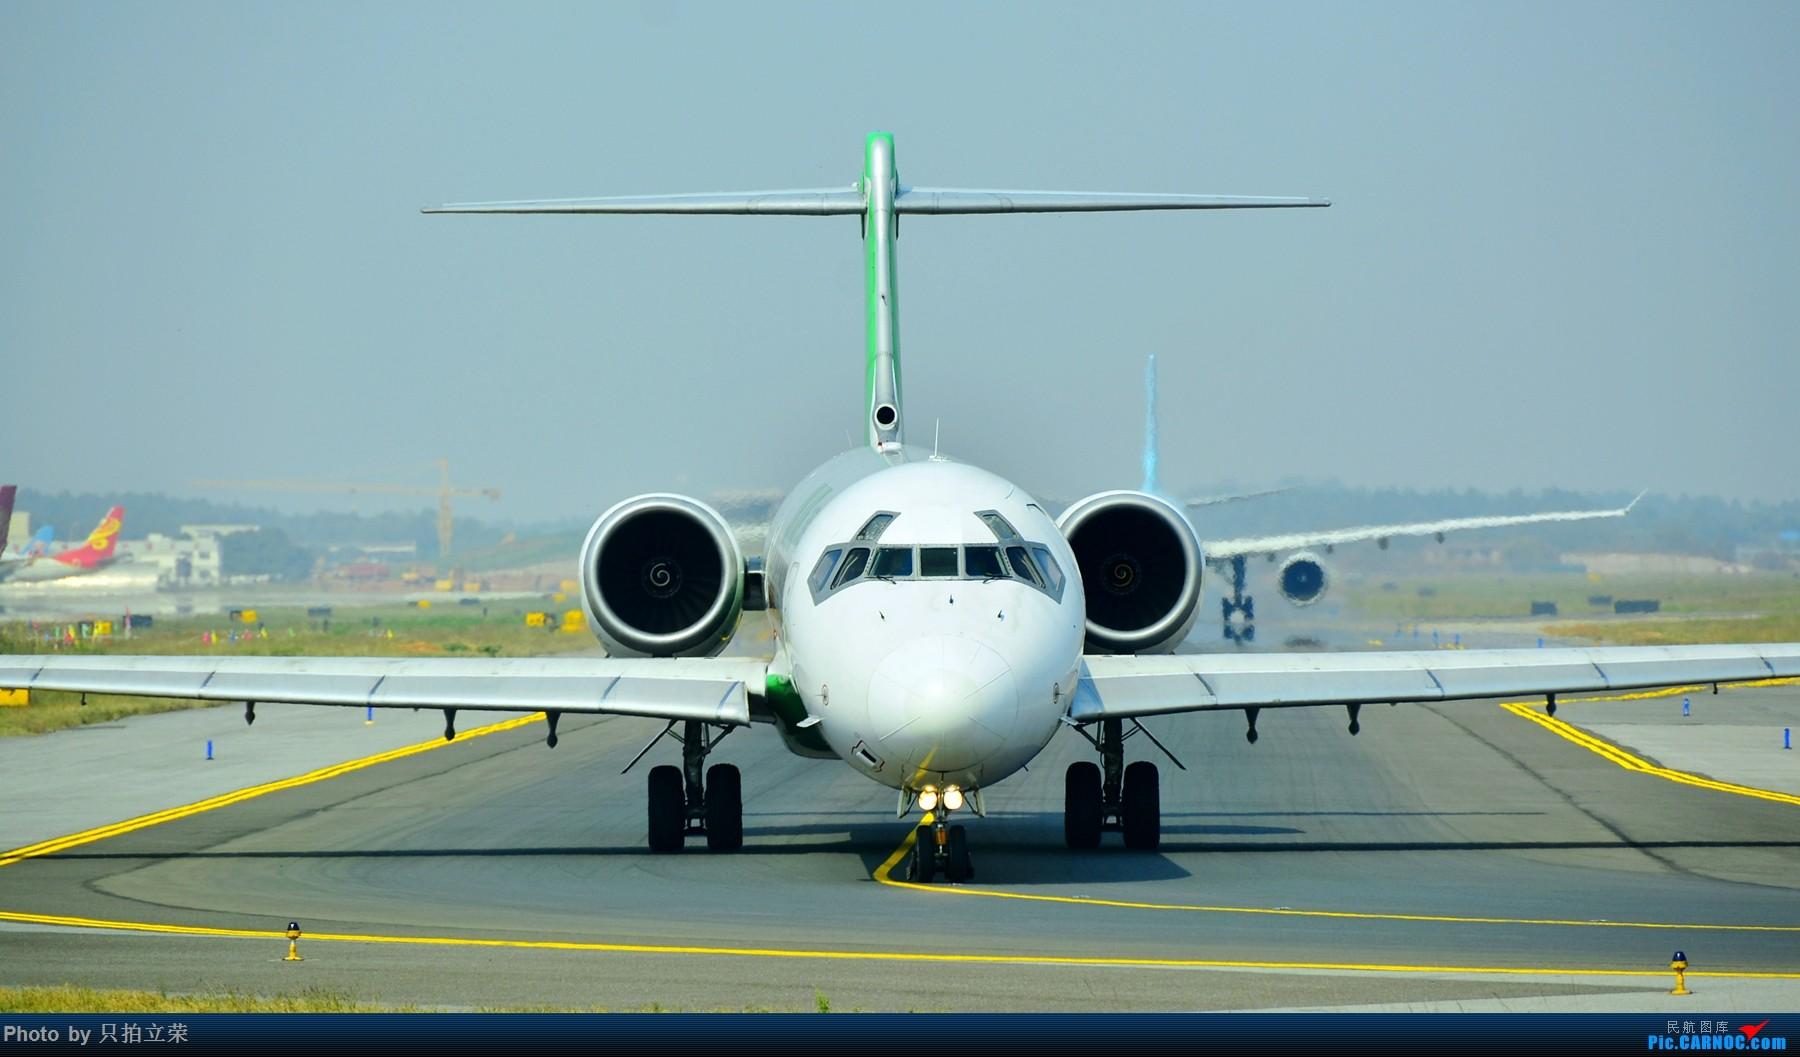 [原创]一图流,立荣长沙最终篇 MD MD-90-30 B-17919 中国长沙黄花国际机场